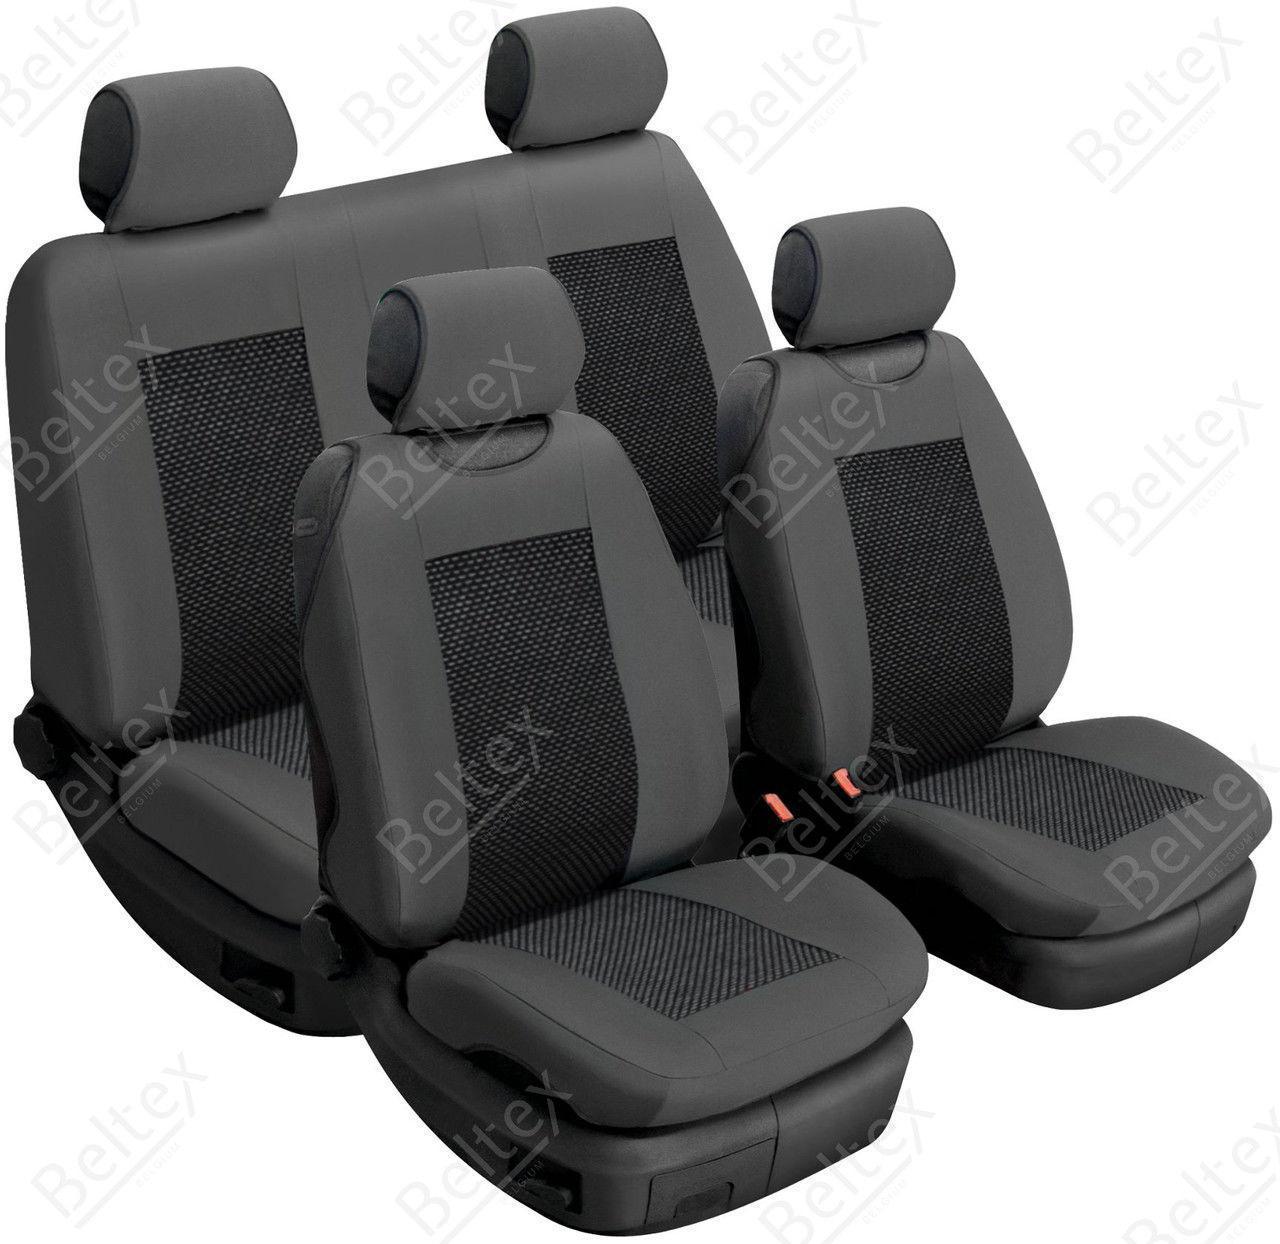 Майки/чехлы на сиденья Опель Корса Д (Opel Corsa D)